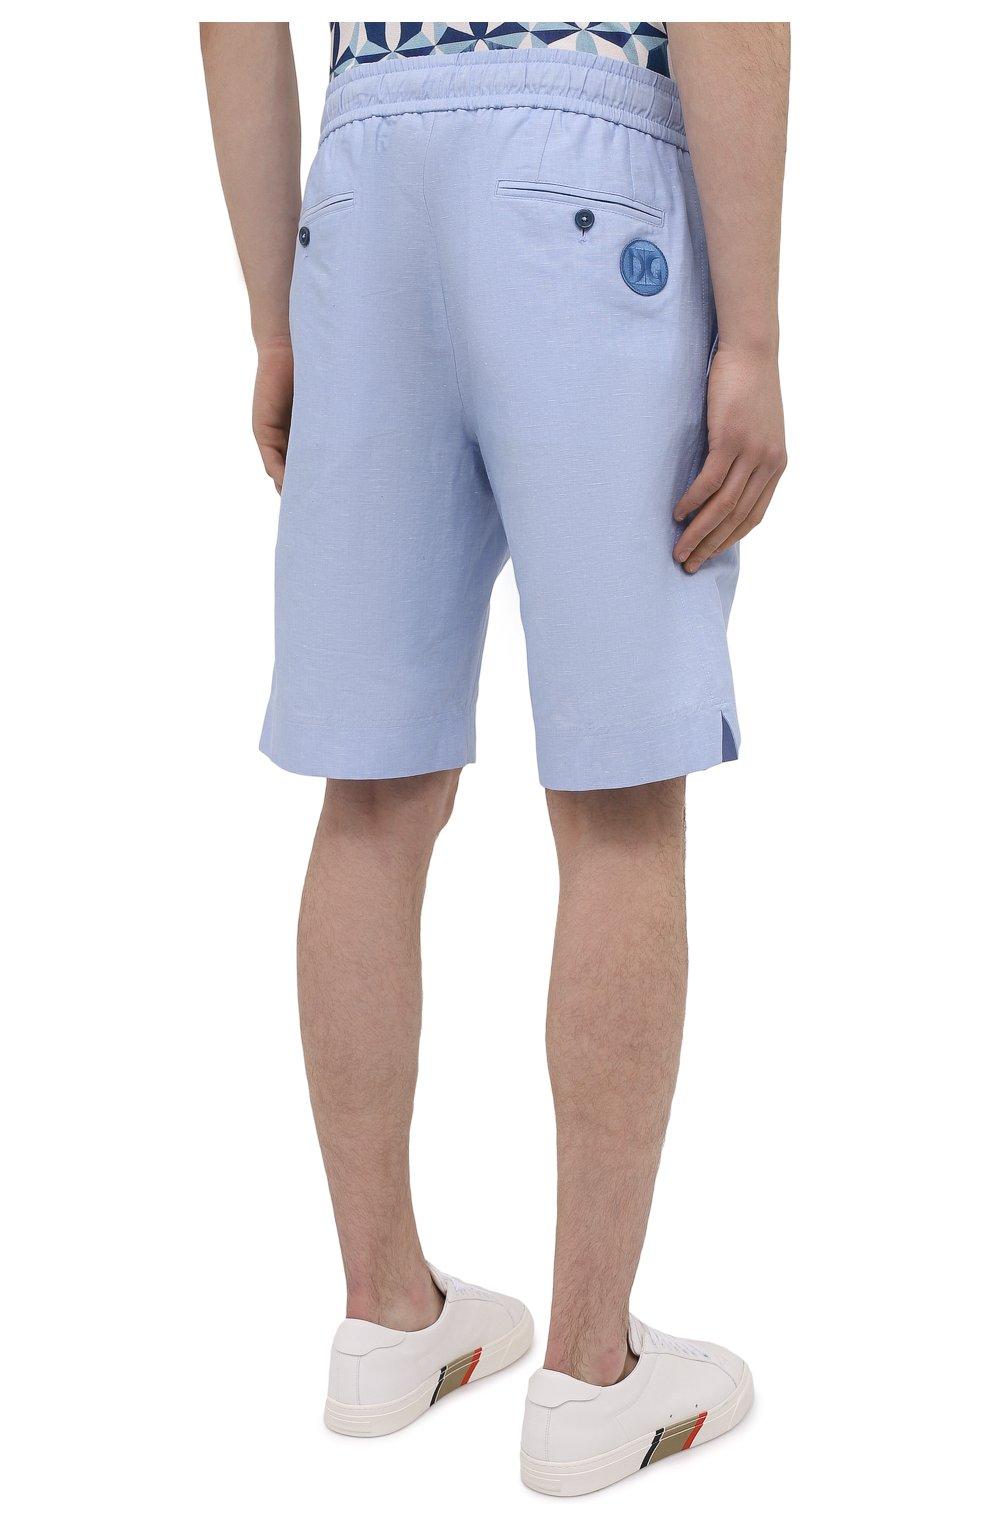 Мужские шорты изо льна и хлопка DOLCE & GABBANA голубого цвета, арт. GYUBAZ/FU4F6 | Фото 4 (Мужское Кросс-КТ: Шорты-одежда; Длина Шорты М: До колена; Принт: Без принта; Материал внешний: Хлопок, Лен; Стили: Кэжуэл)